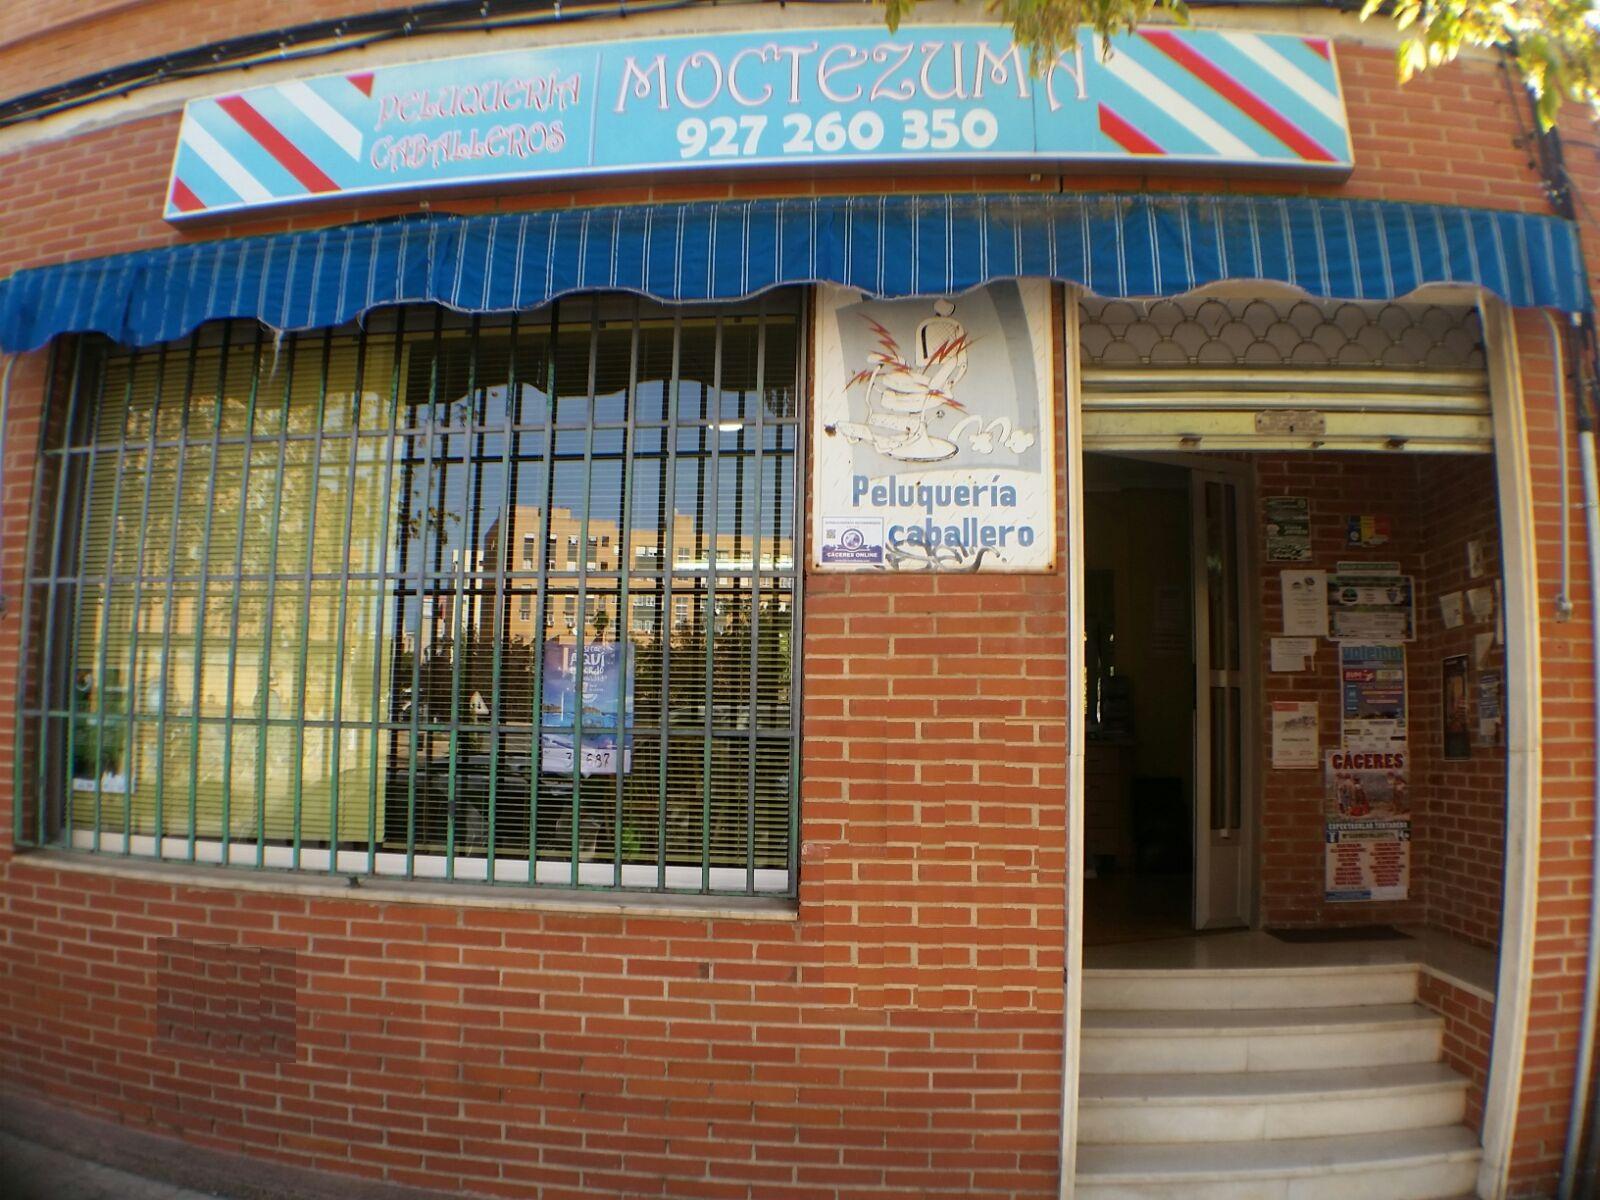 PELUQUERIA DE CABALLEROS MOCTEZUMA, Peluquería económica en Cáceres, Peluquería de caballeros económica en Cáceres, Peluquería en Moctezuma